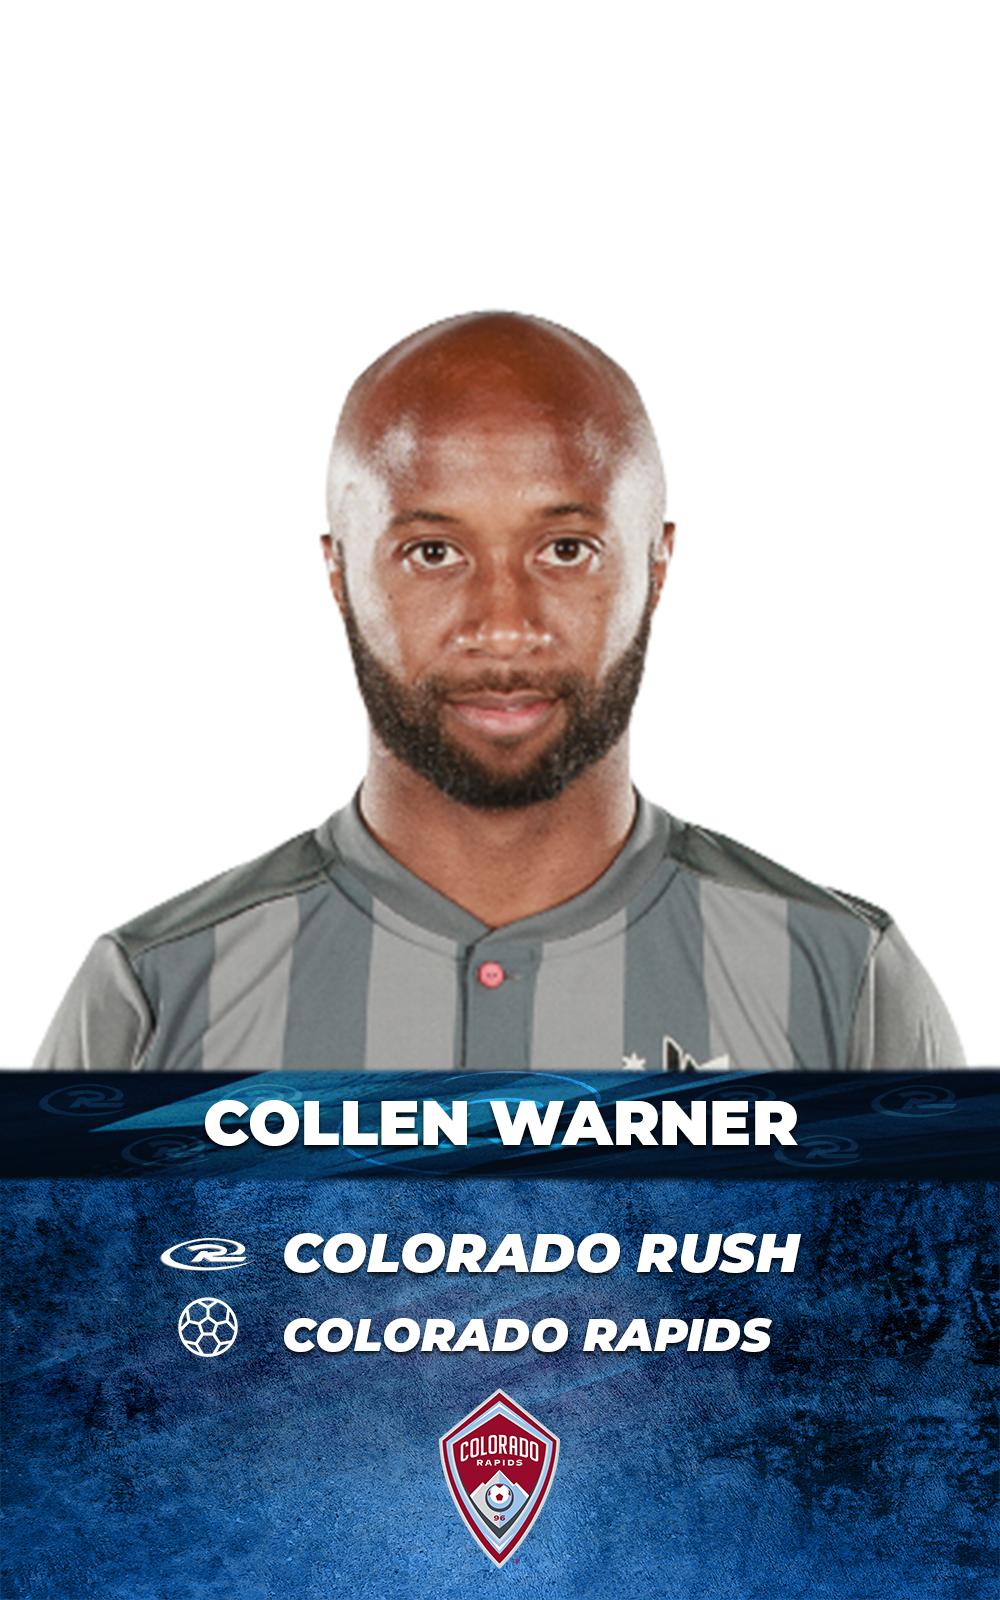 Collen-Warner